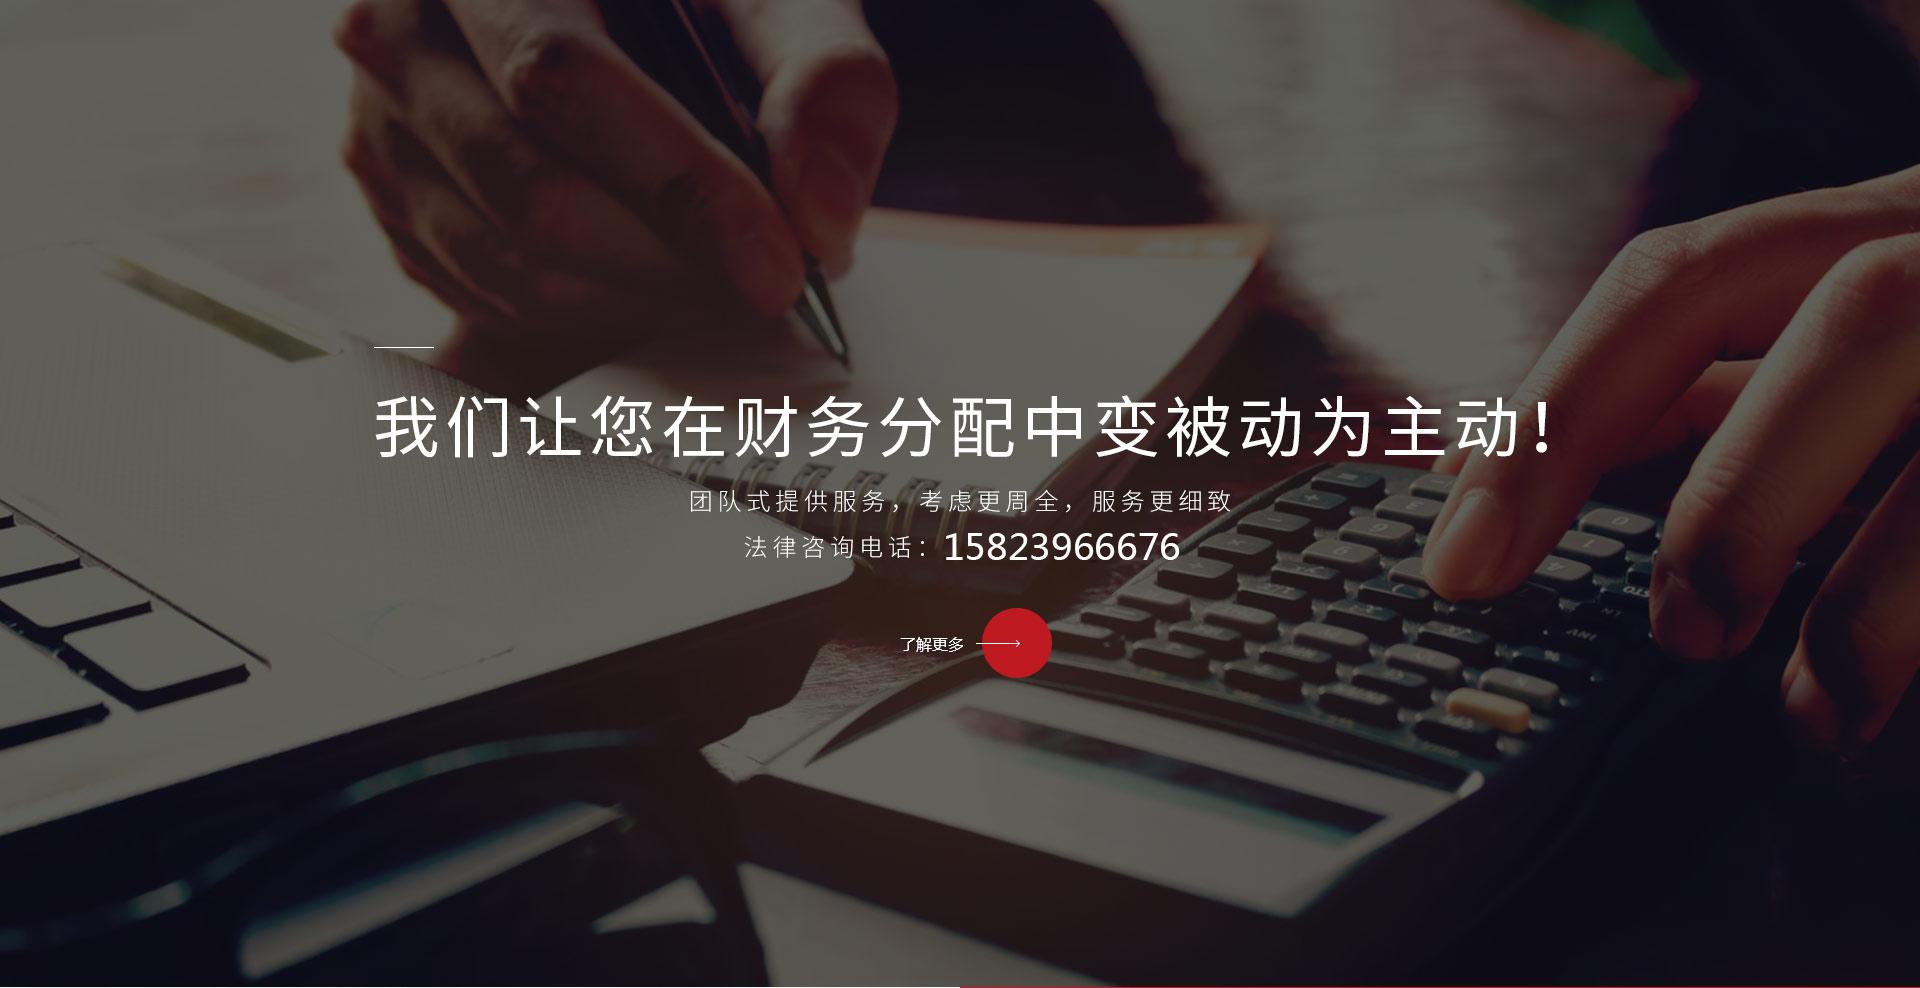 重庆离婚律师3